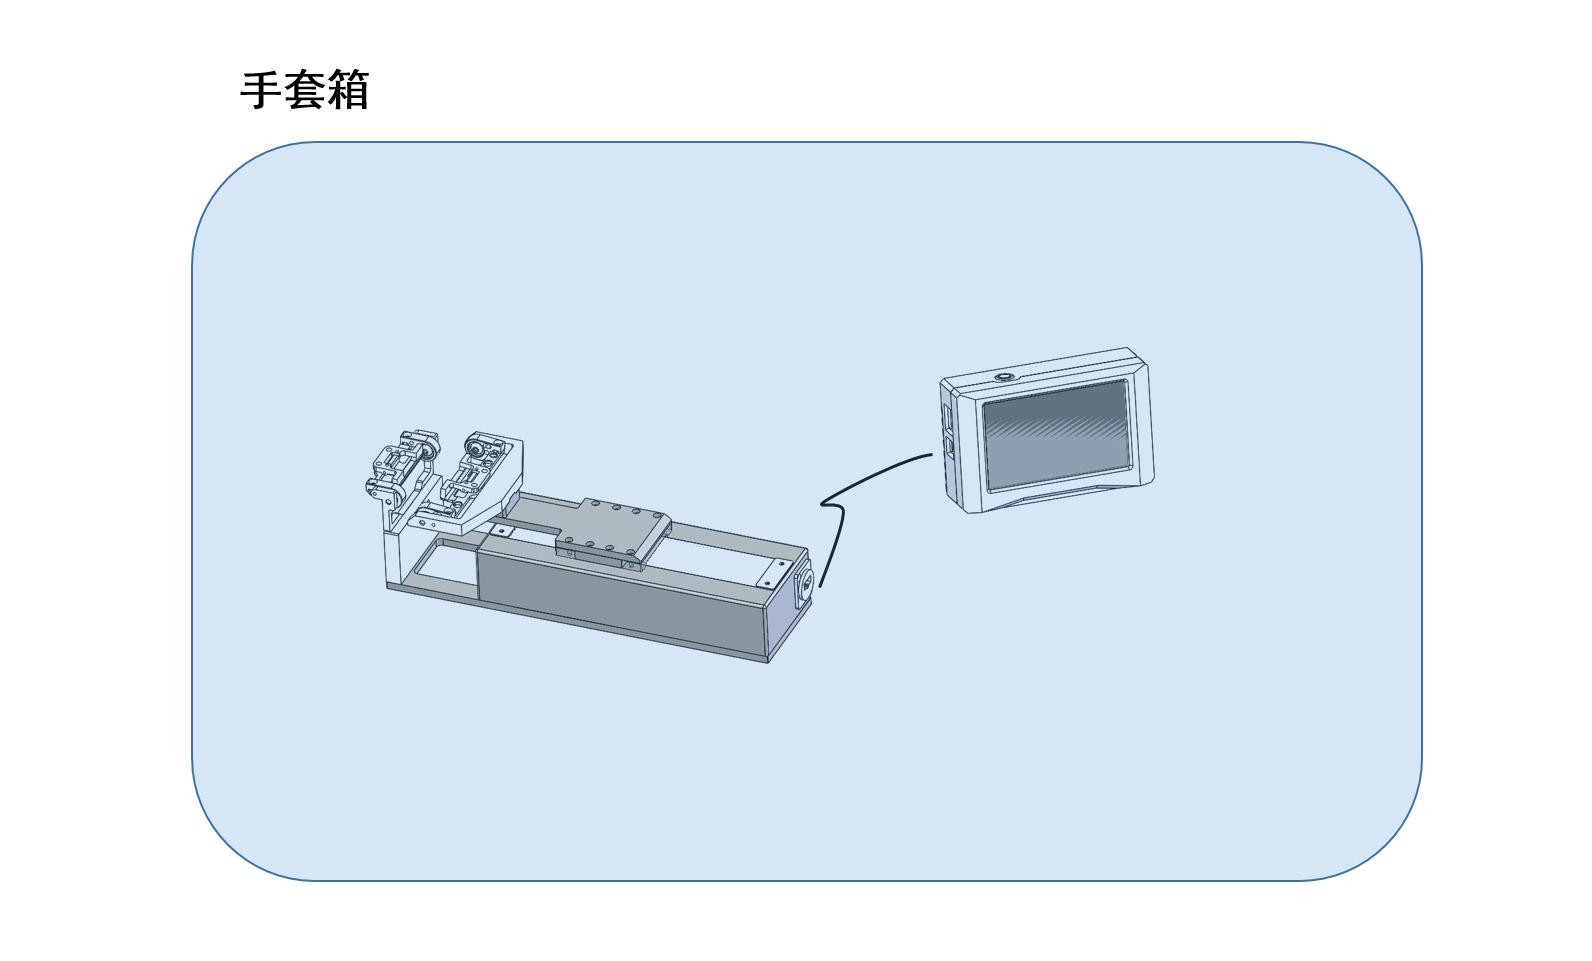 手持弯折仪-手套箱示意图